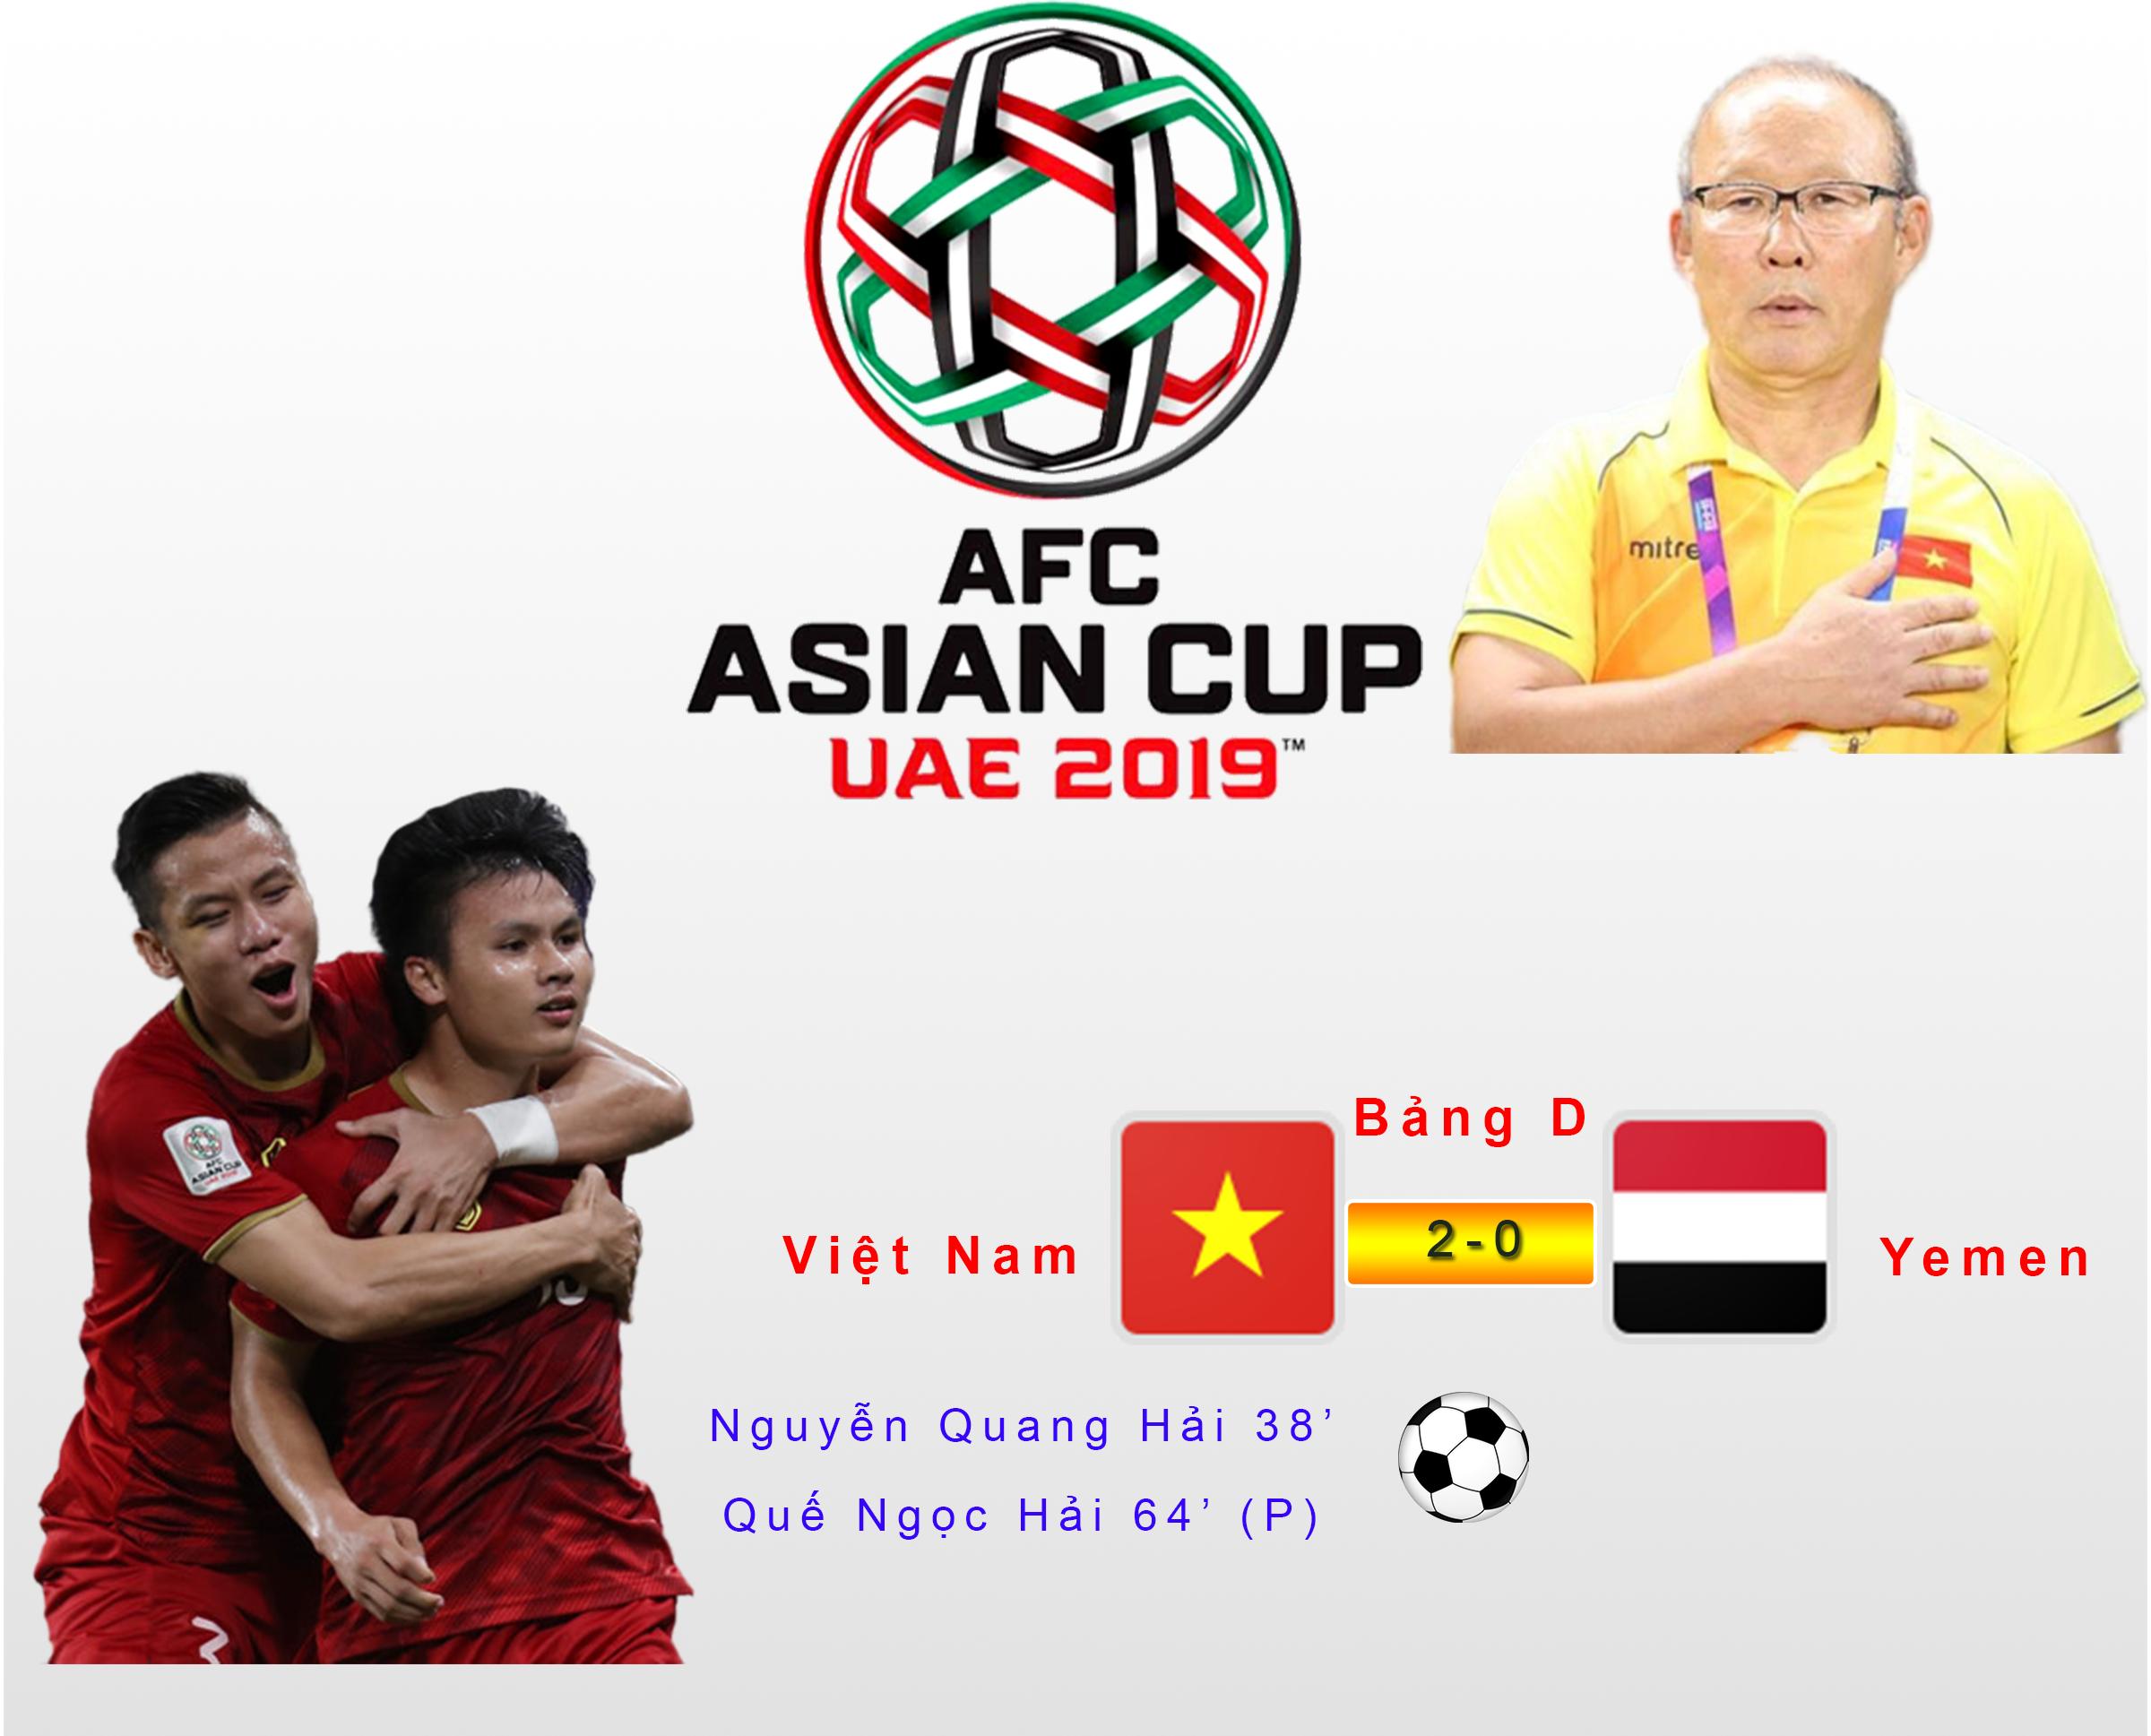 [Infographic] Asian Cup 2019: Lượt trận cuối bảng D qua các con số